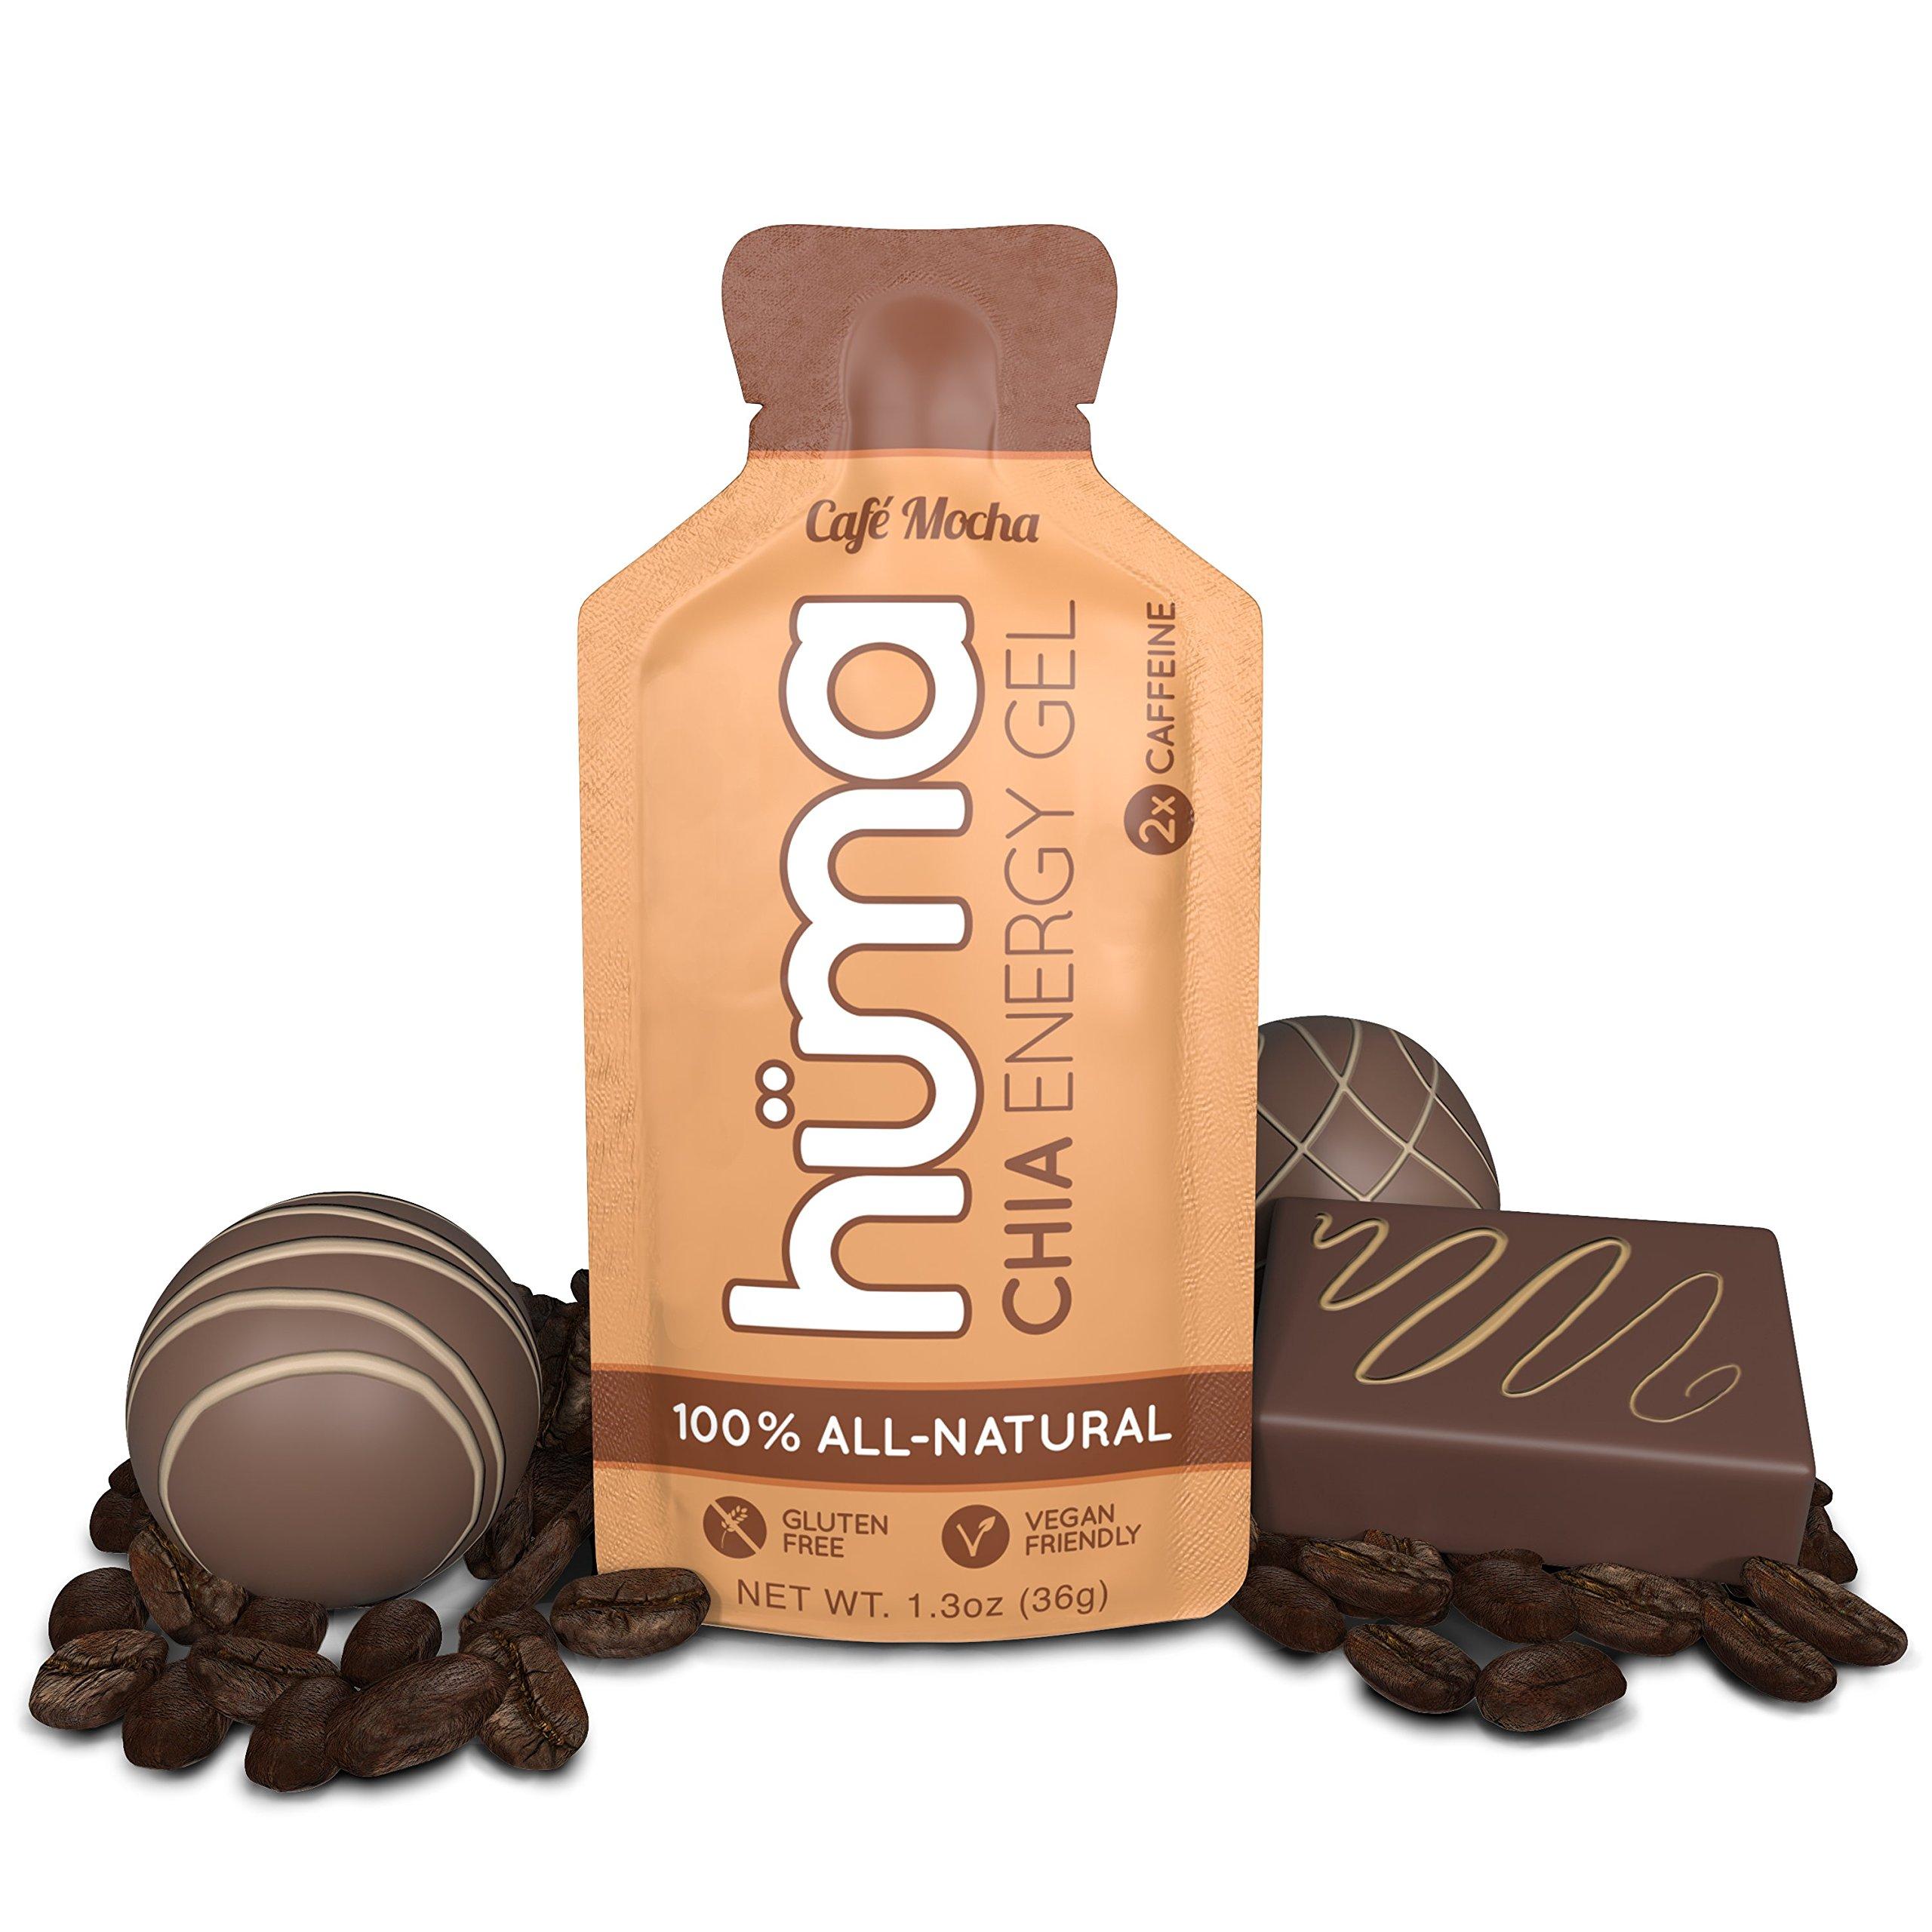 Huma Plus - Chia Energy Gel, 8 Plus & 16 Original Gels - Natural Electrolyte Enhanced Energy Gel by Huma Gel (Image #8)